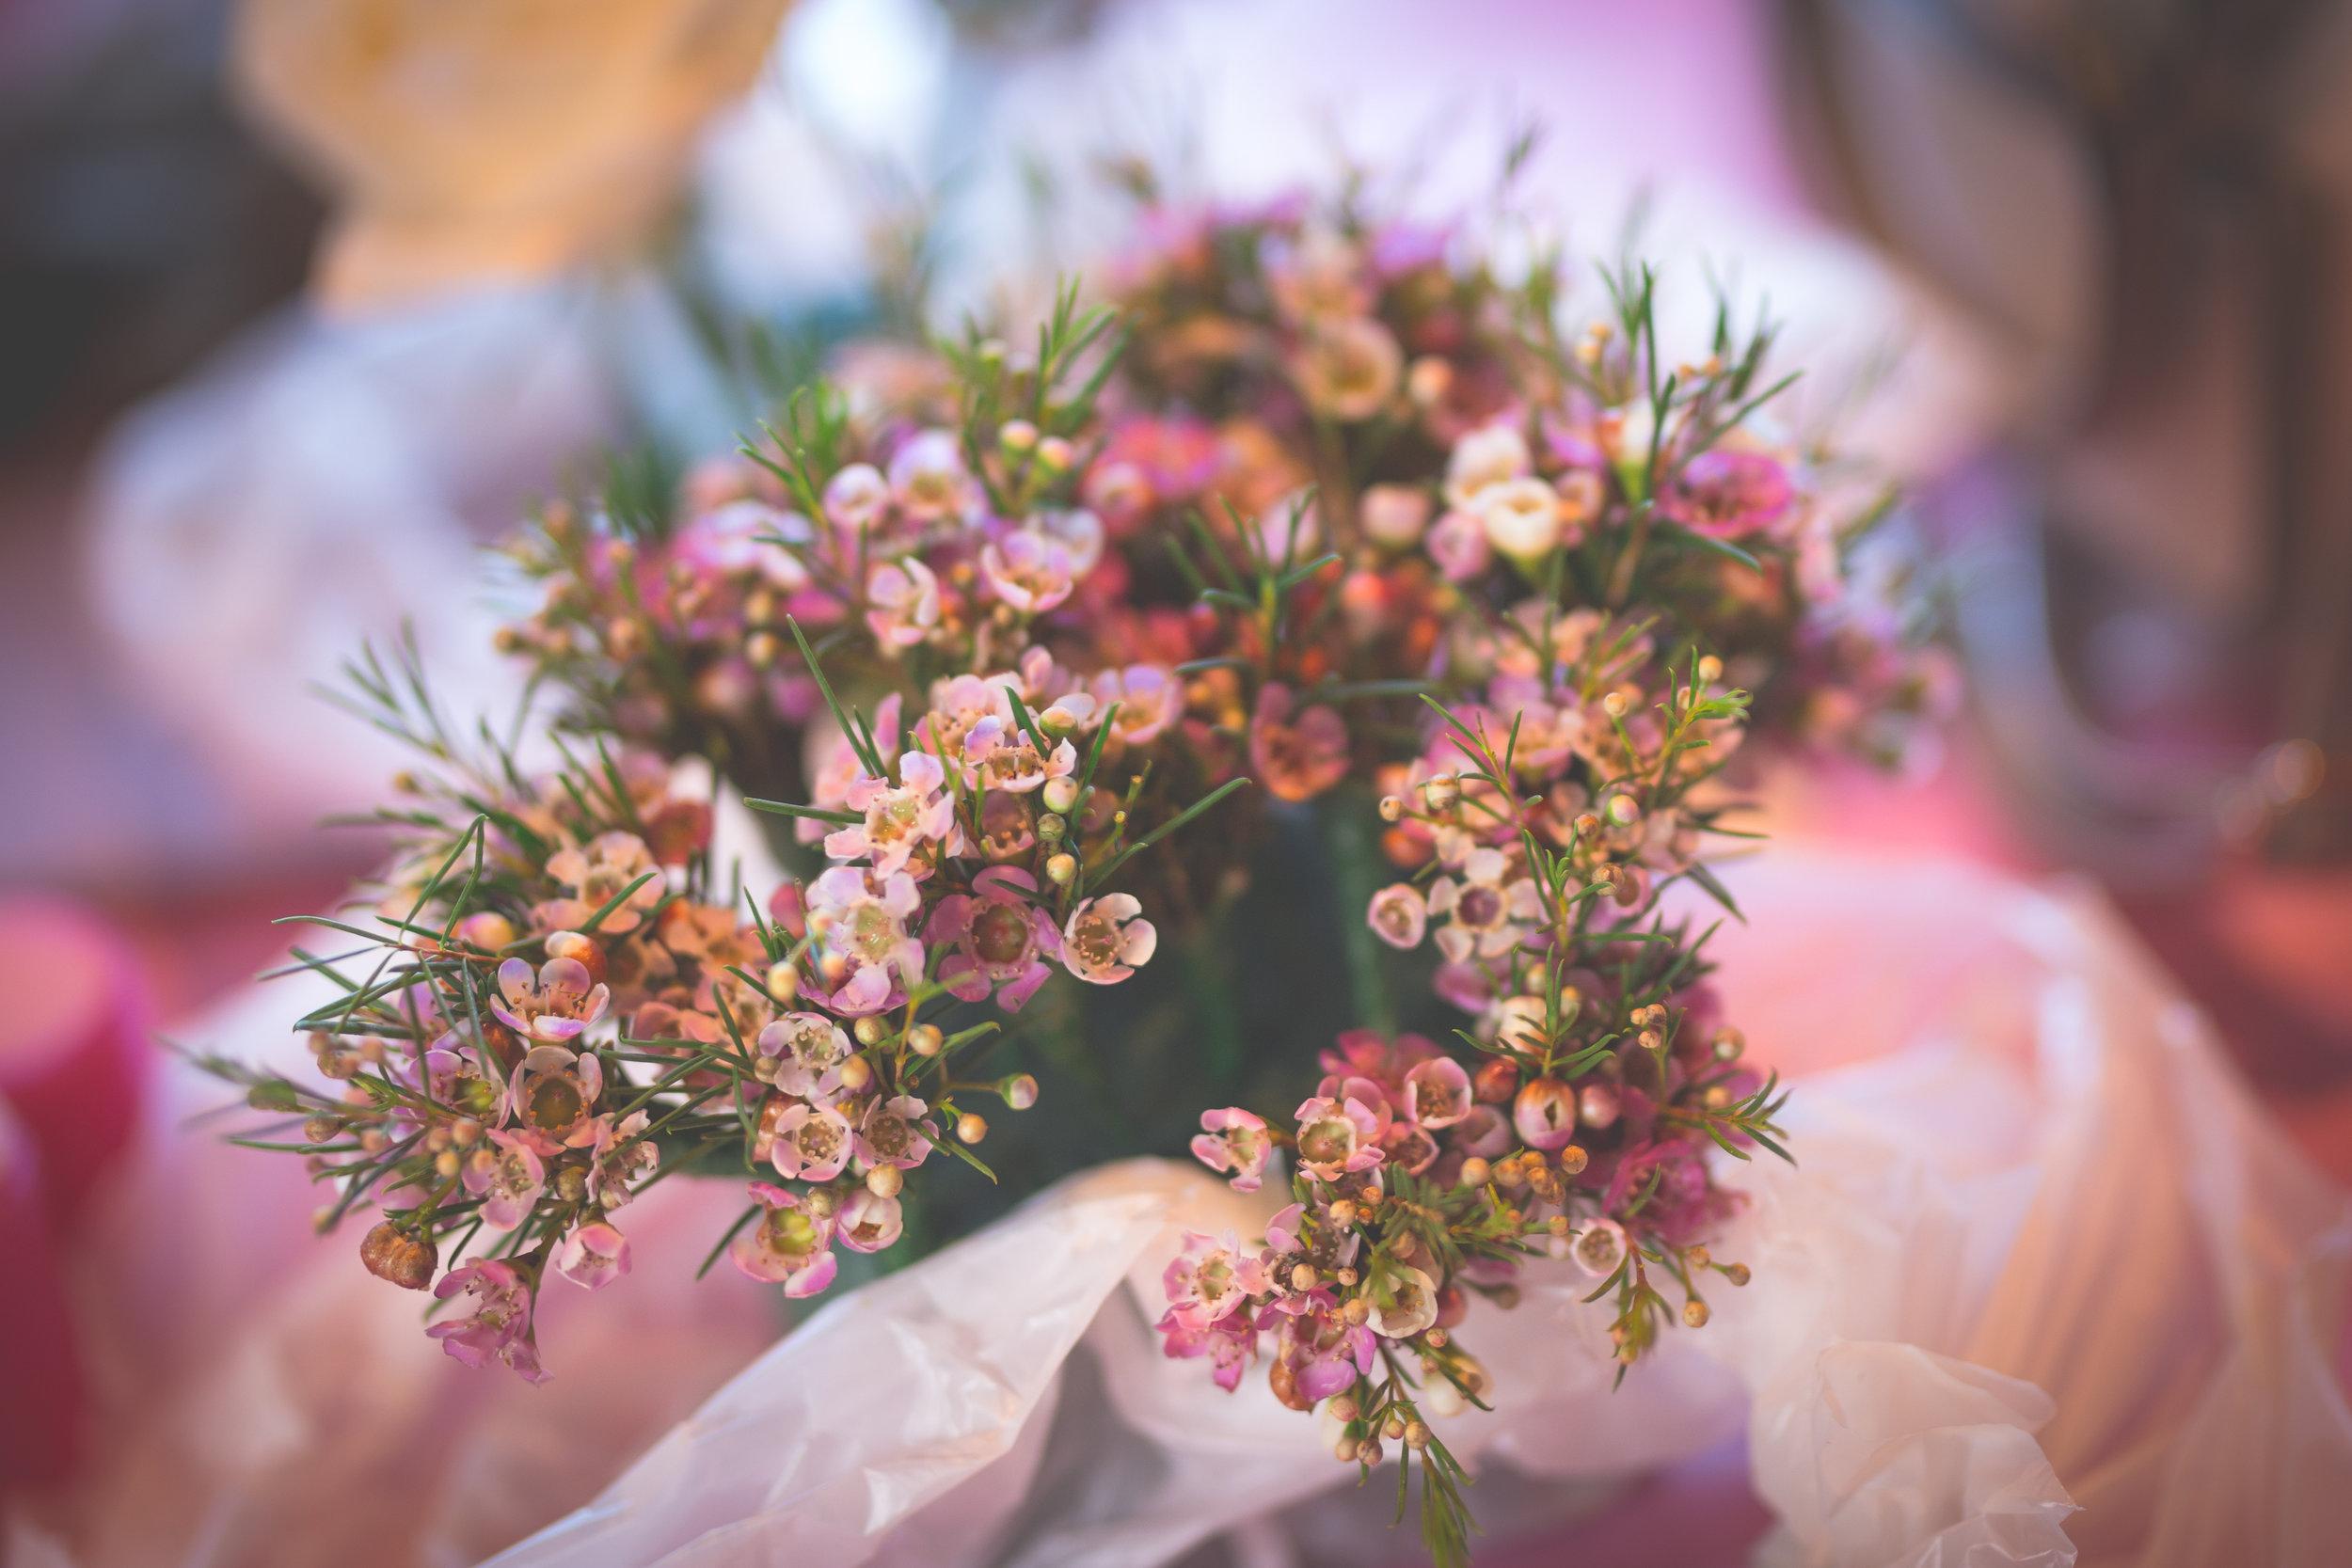 Brian McEwan Wedding Photography | Carol-Anne & Sean | Bridal Preparations-39.jpg